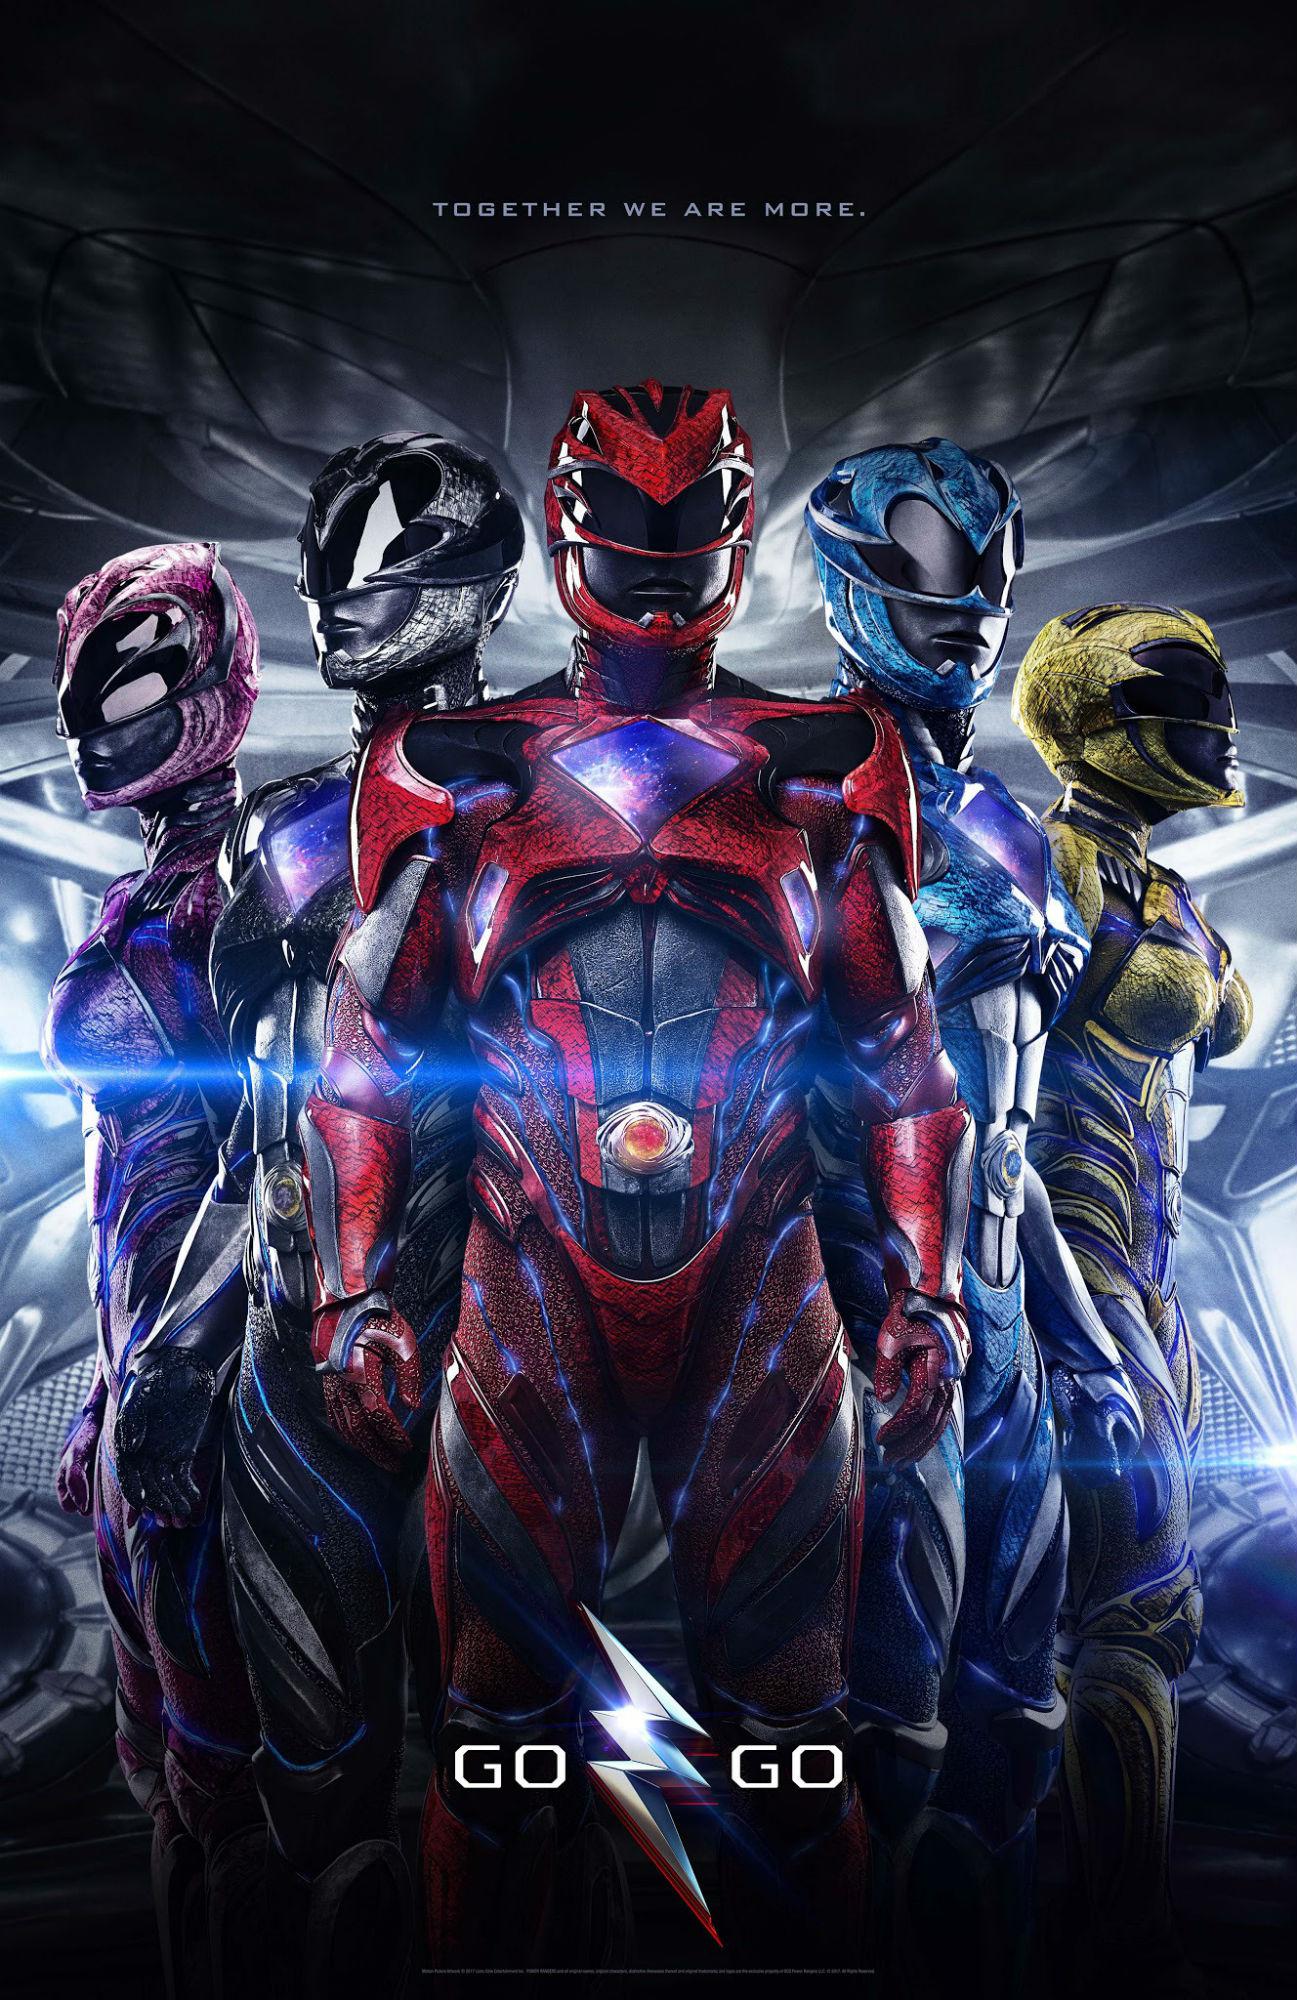 Power Rangers Assemble for New International Poster